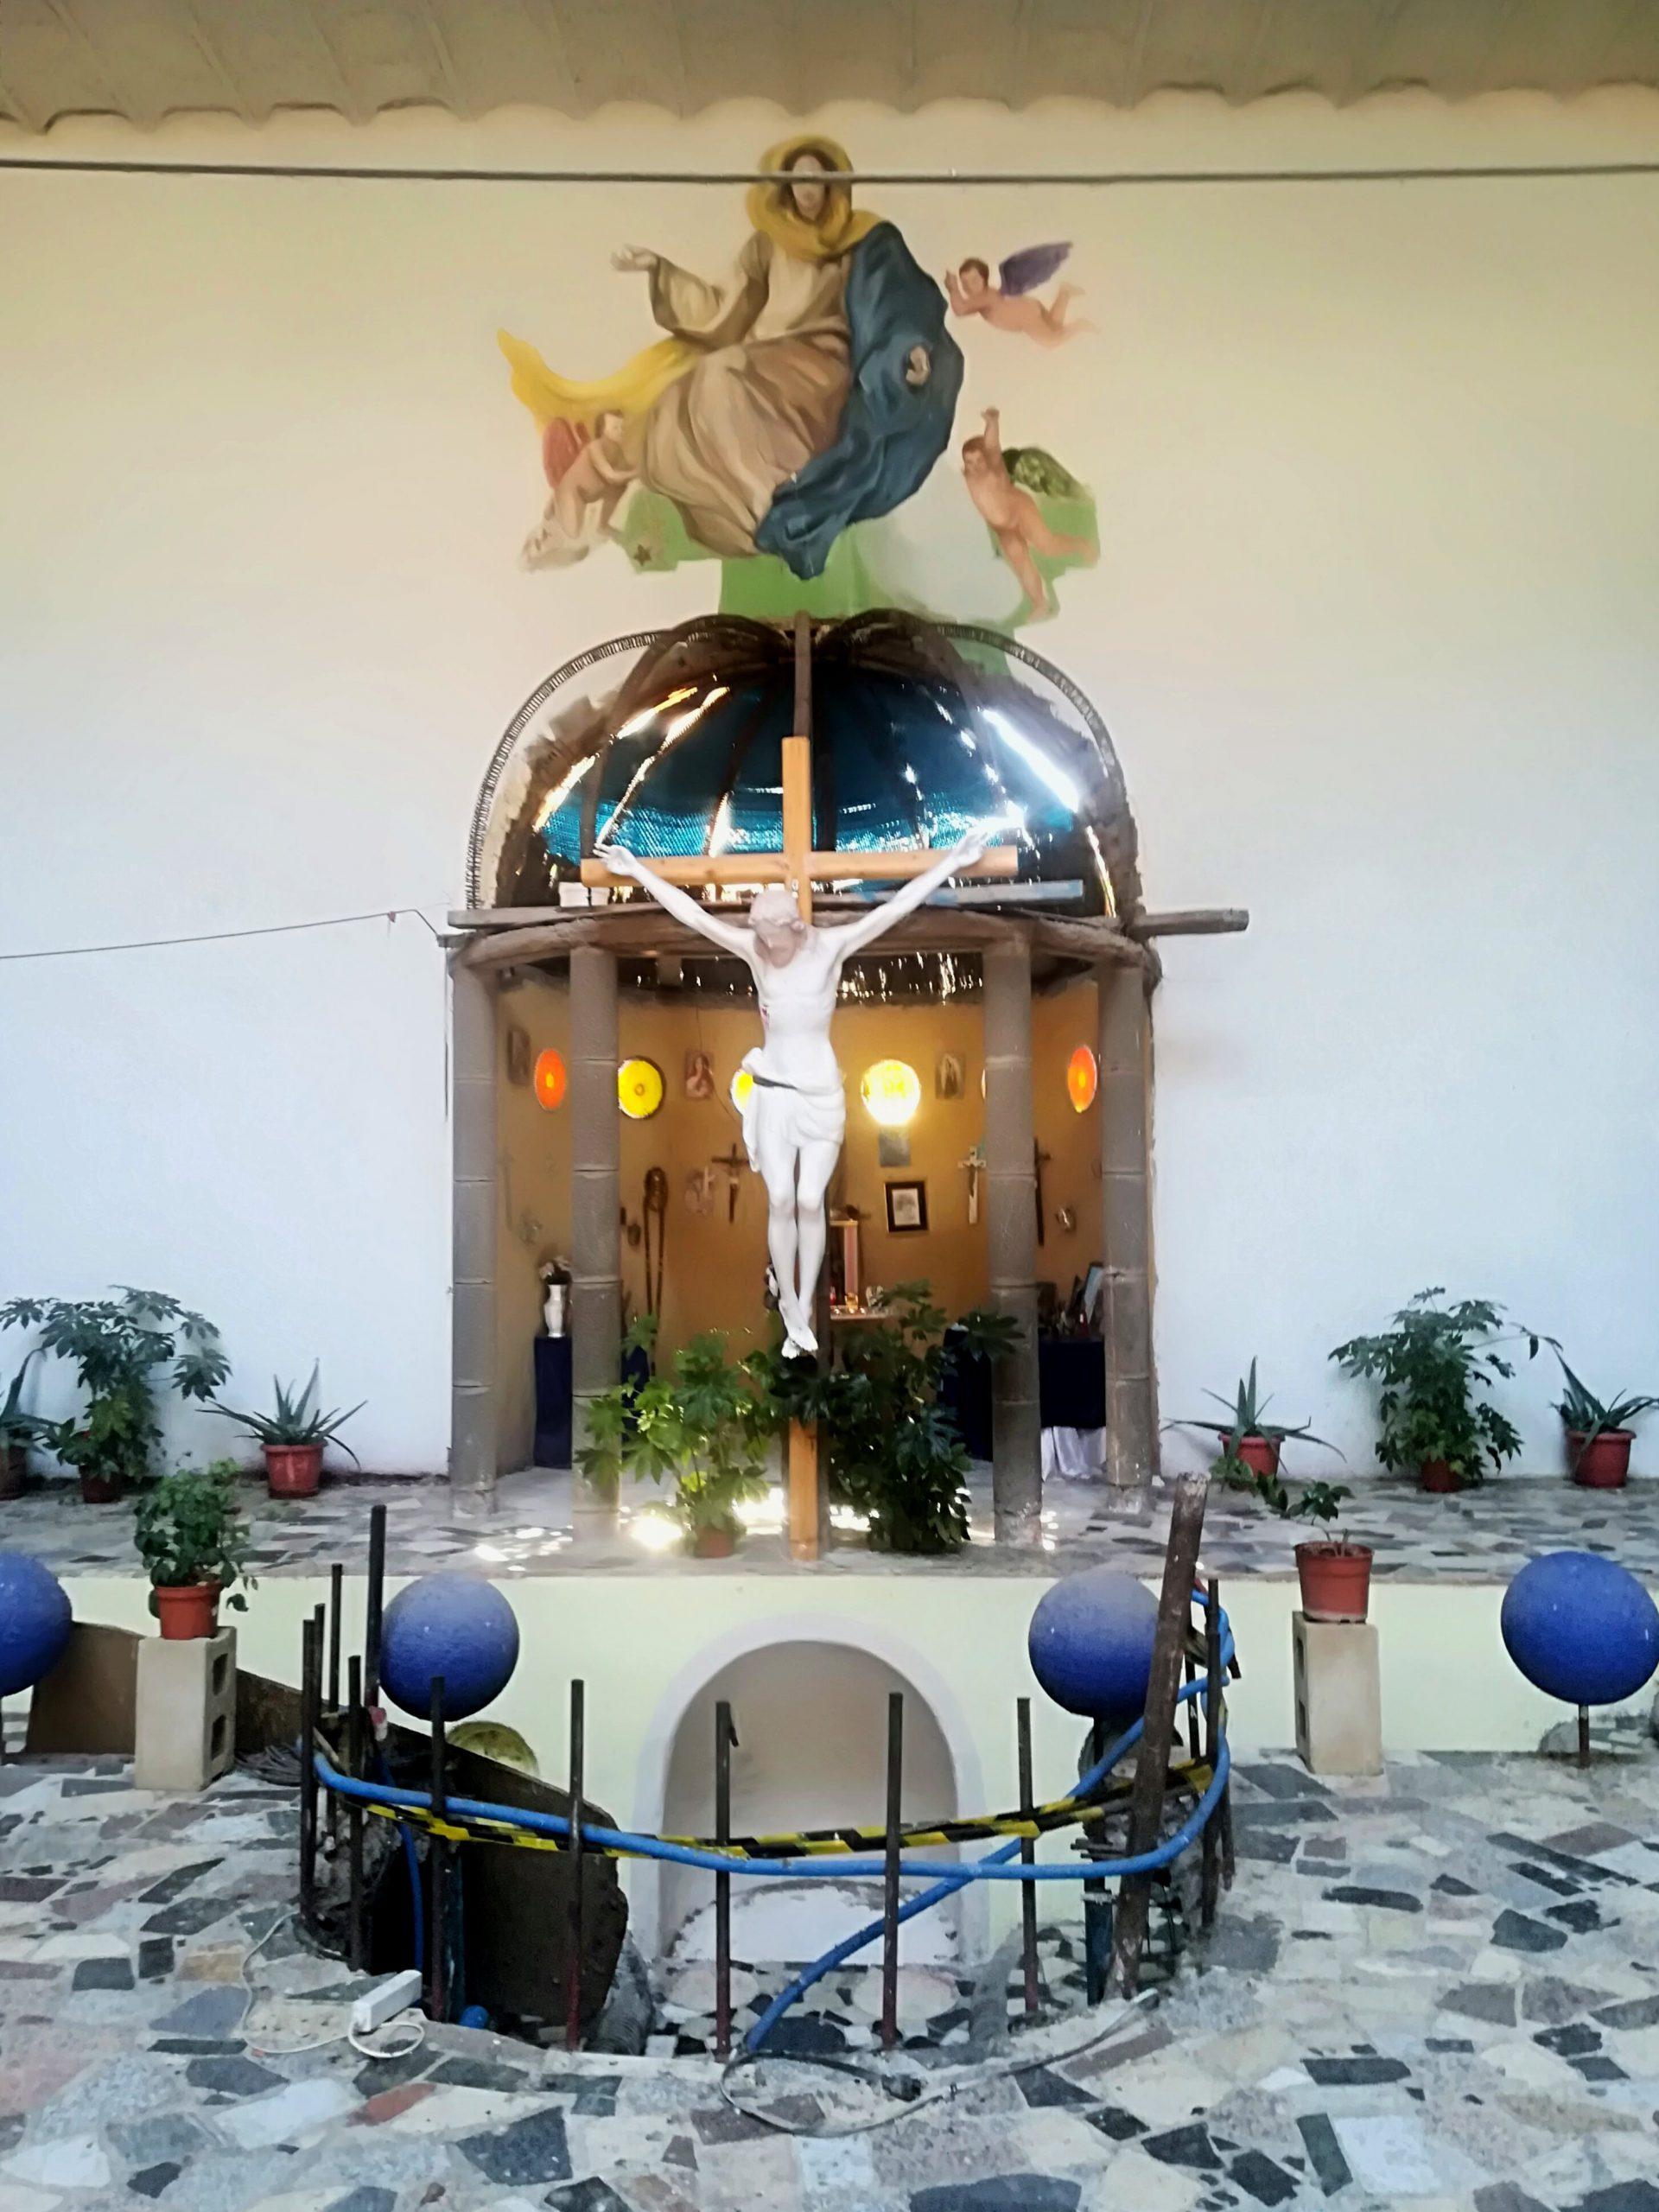 Justo Gallego, la humildad de una obra colosal 14